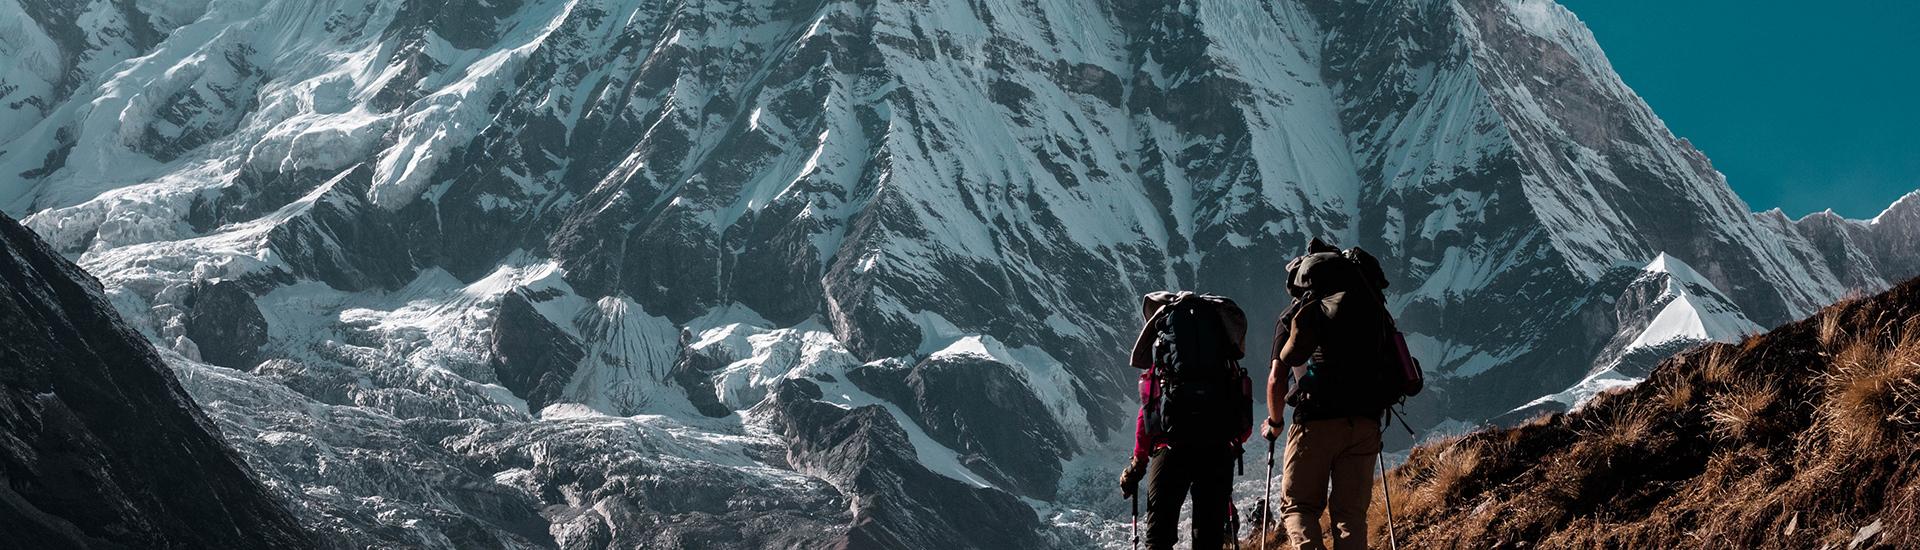 山と登山者